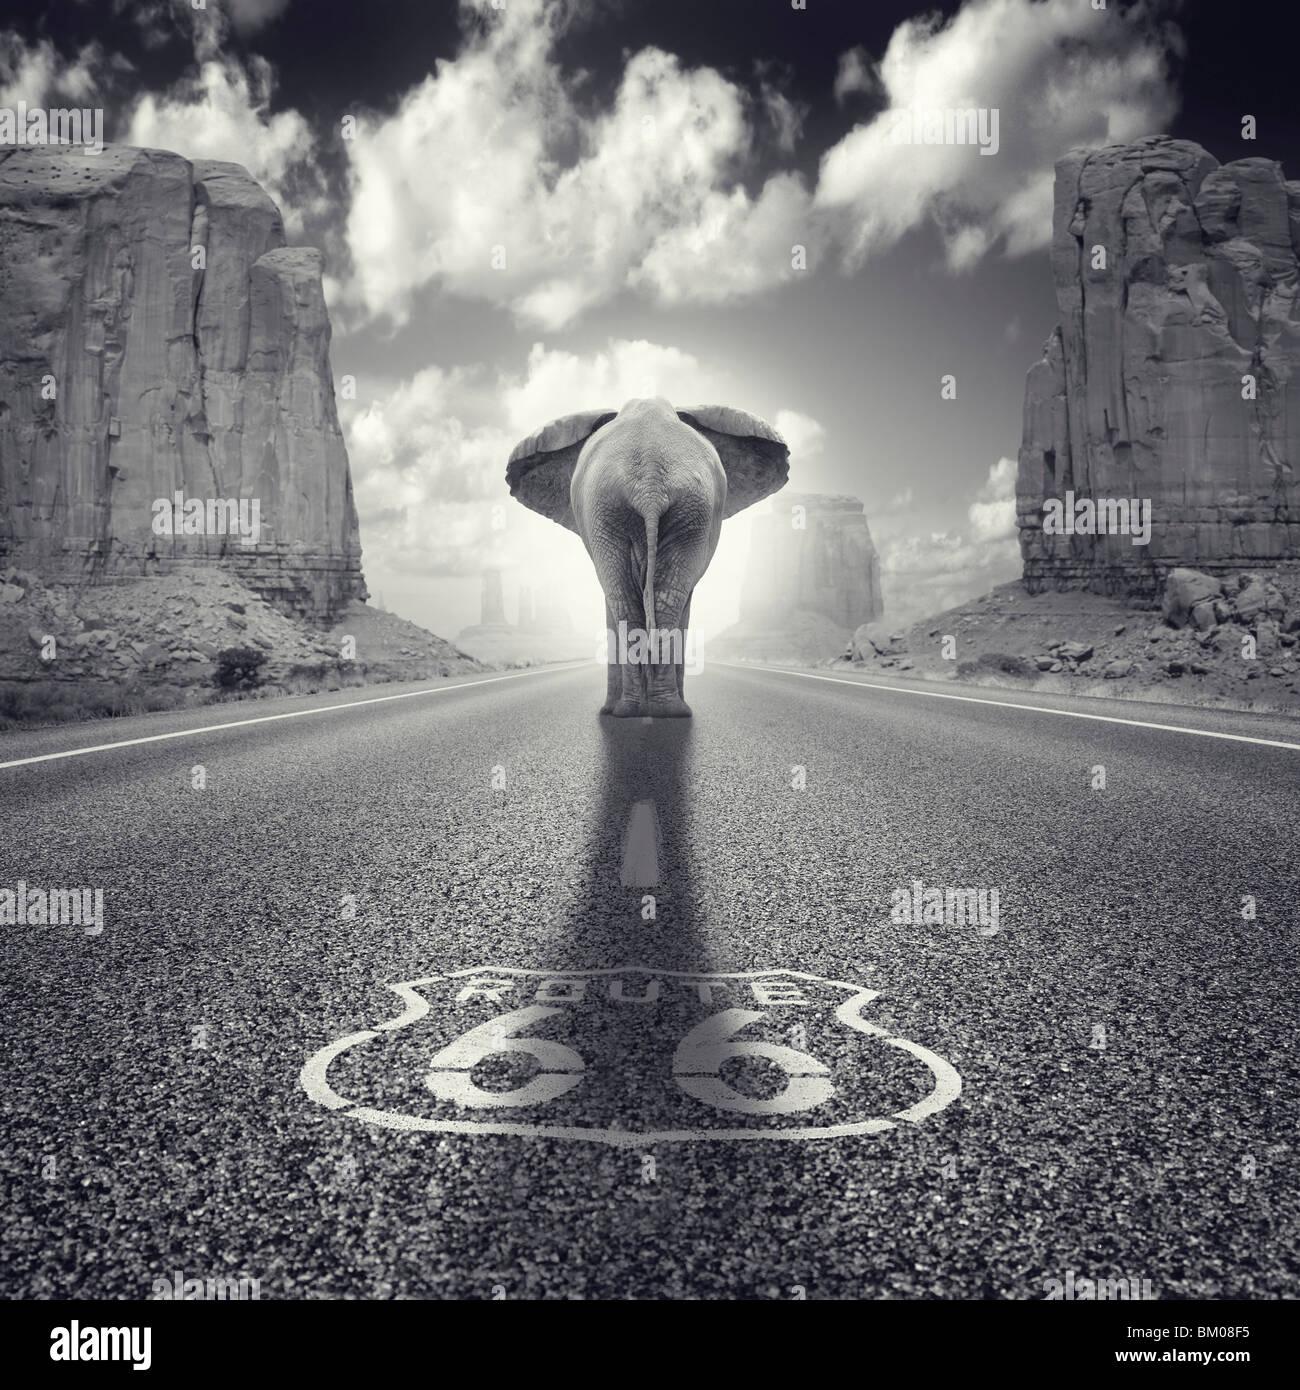 Un elefante caminando a lo largo de la ruta 66 en EE.UU. Monument valley Foto de stock